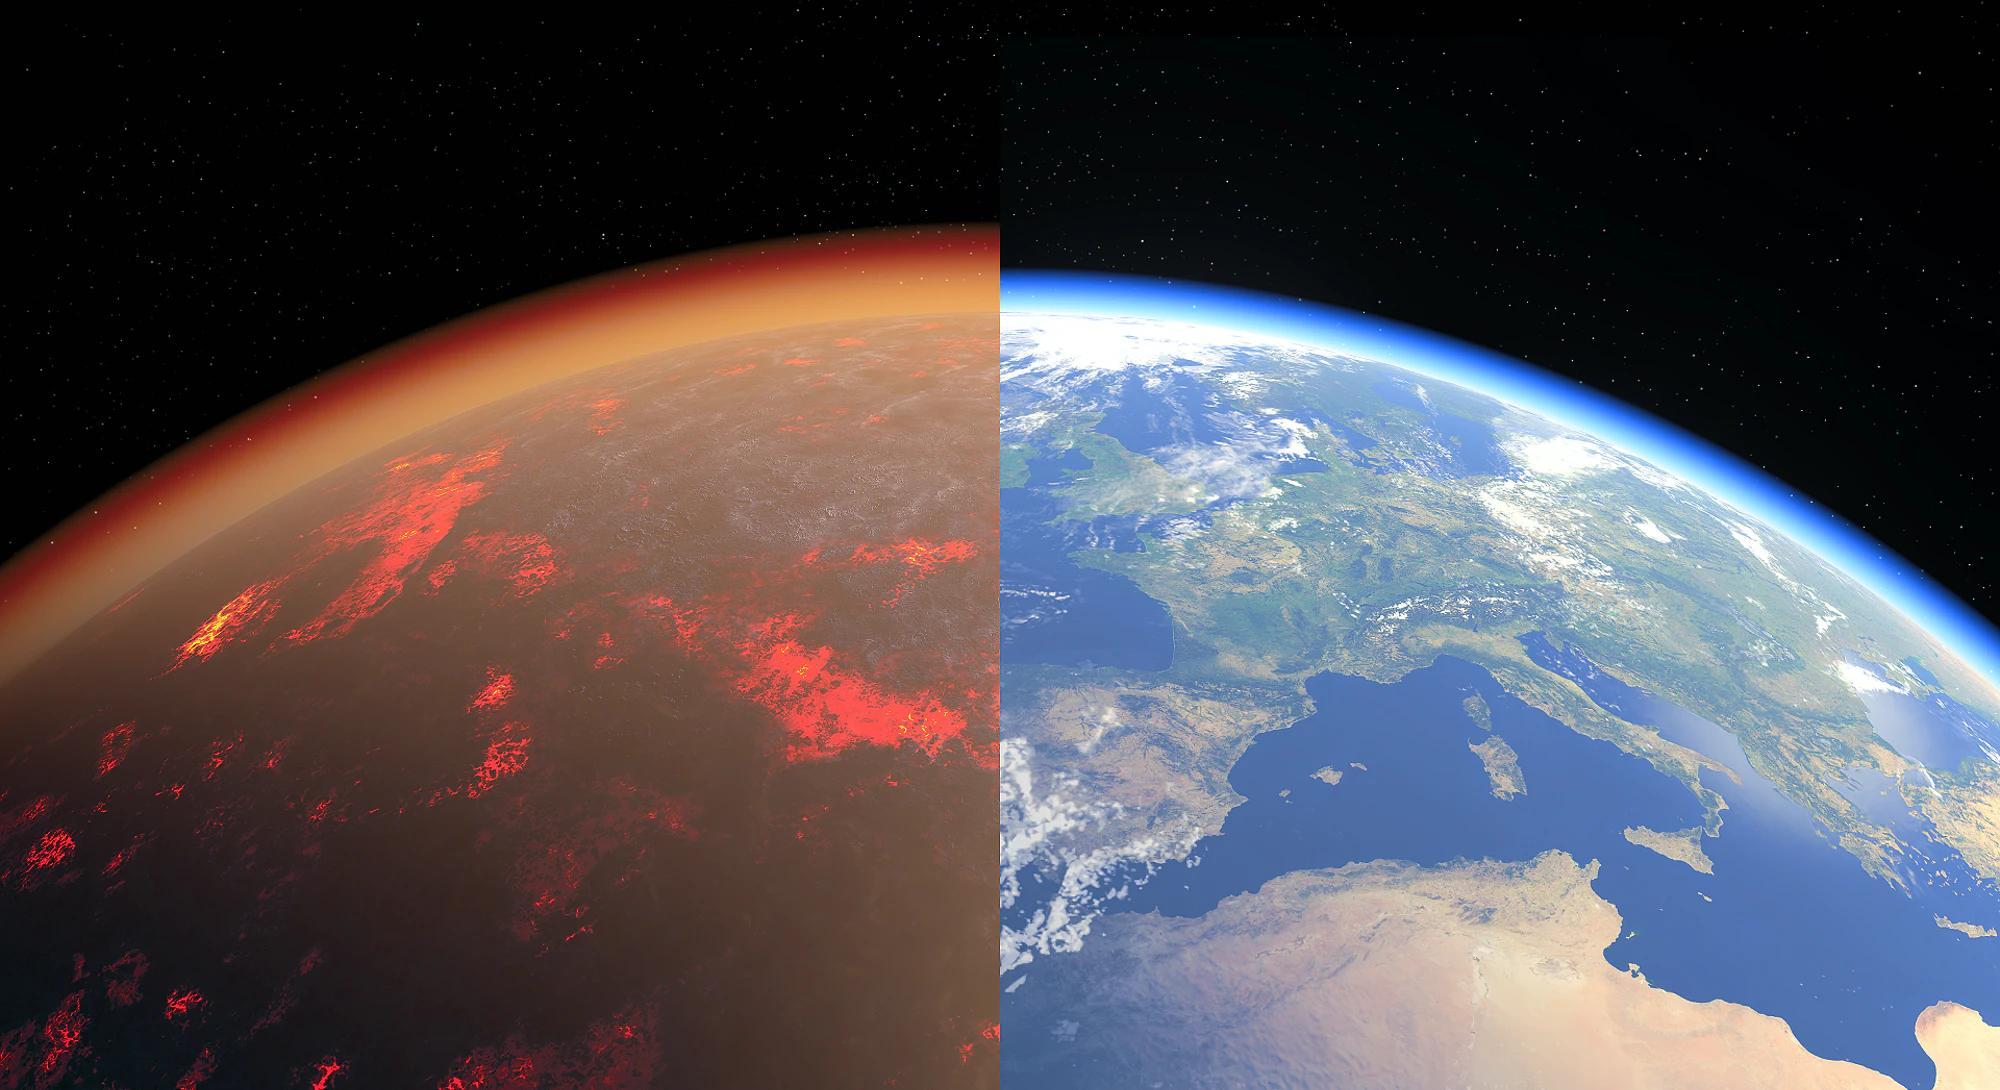 Эксперимент рассказал о составе атмосферы Земли 4,5 миллиарда лет назад